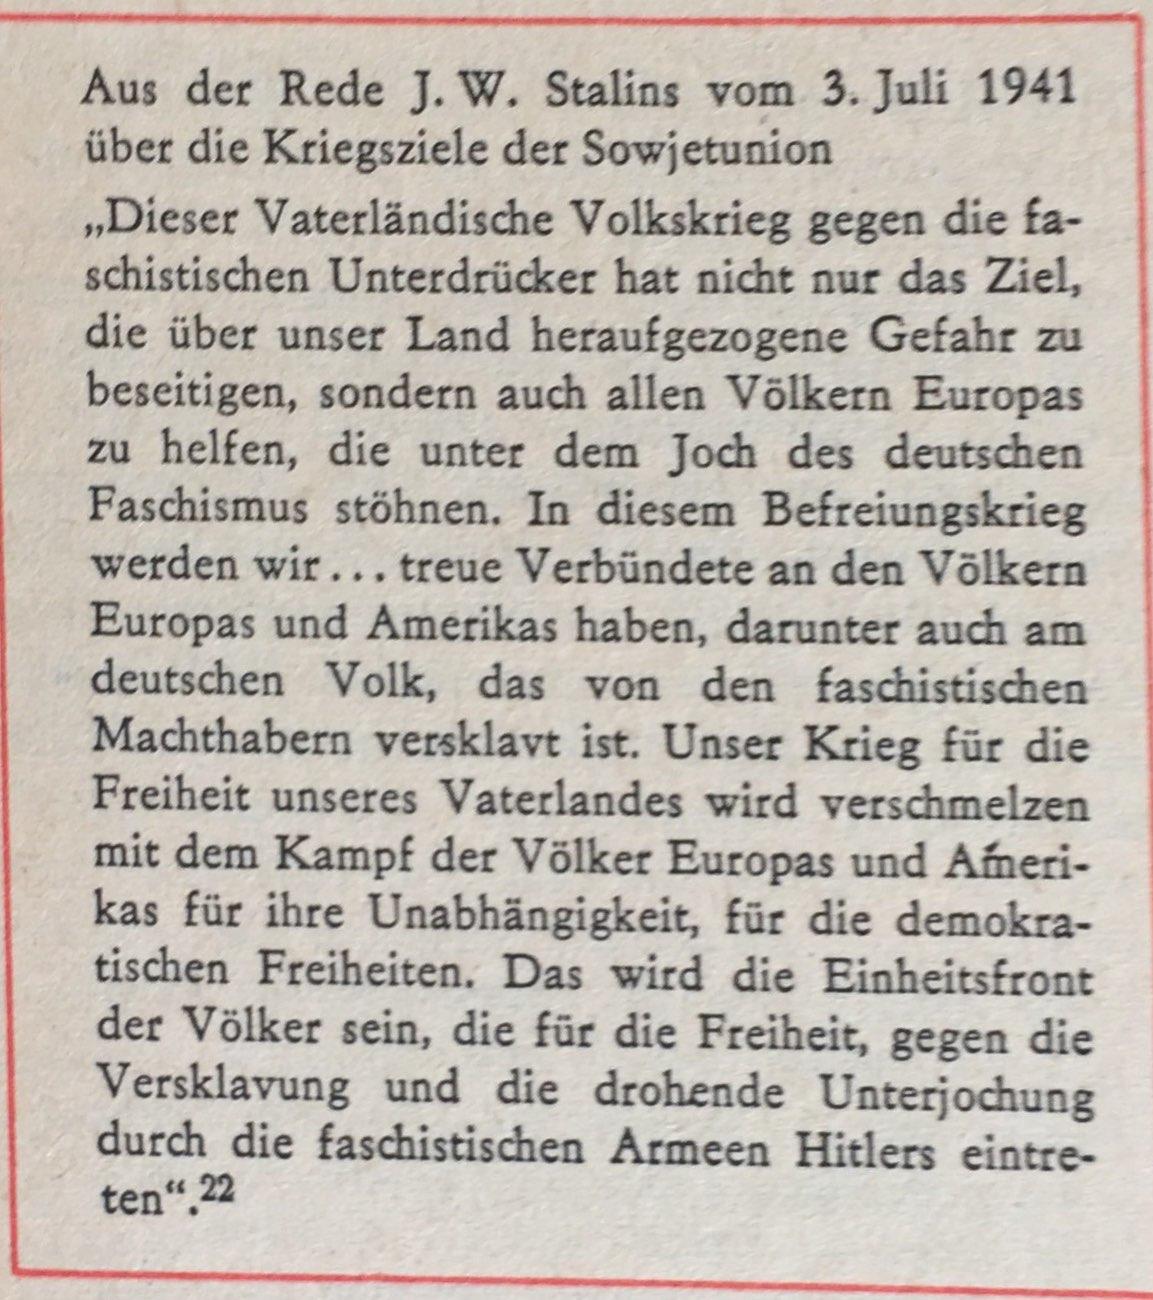 Aus der Rede Stalins vom 03.07.1941